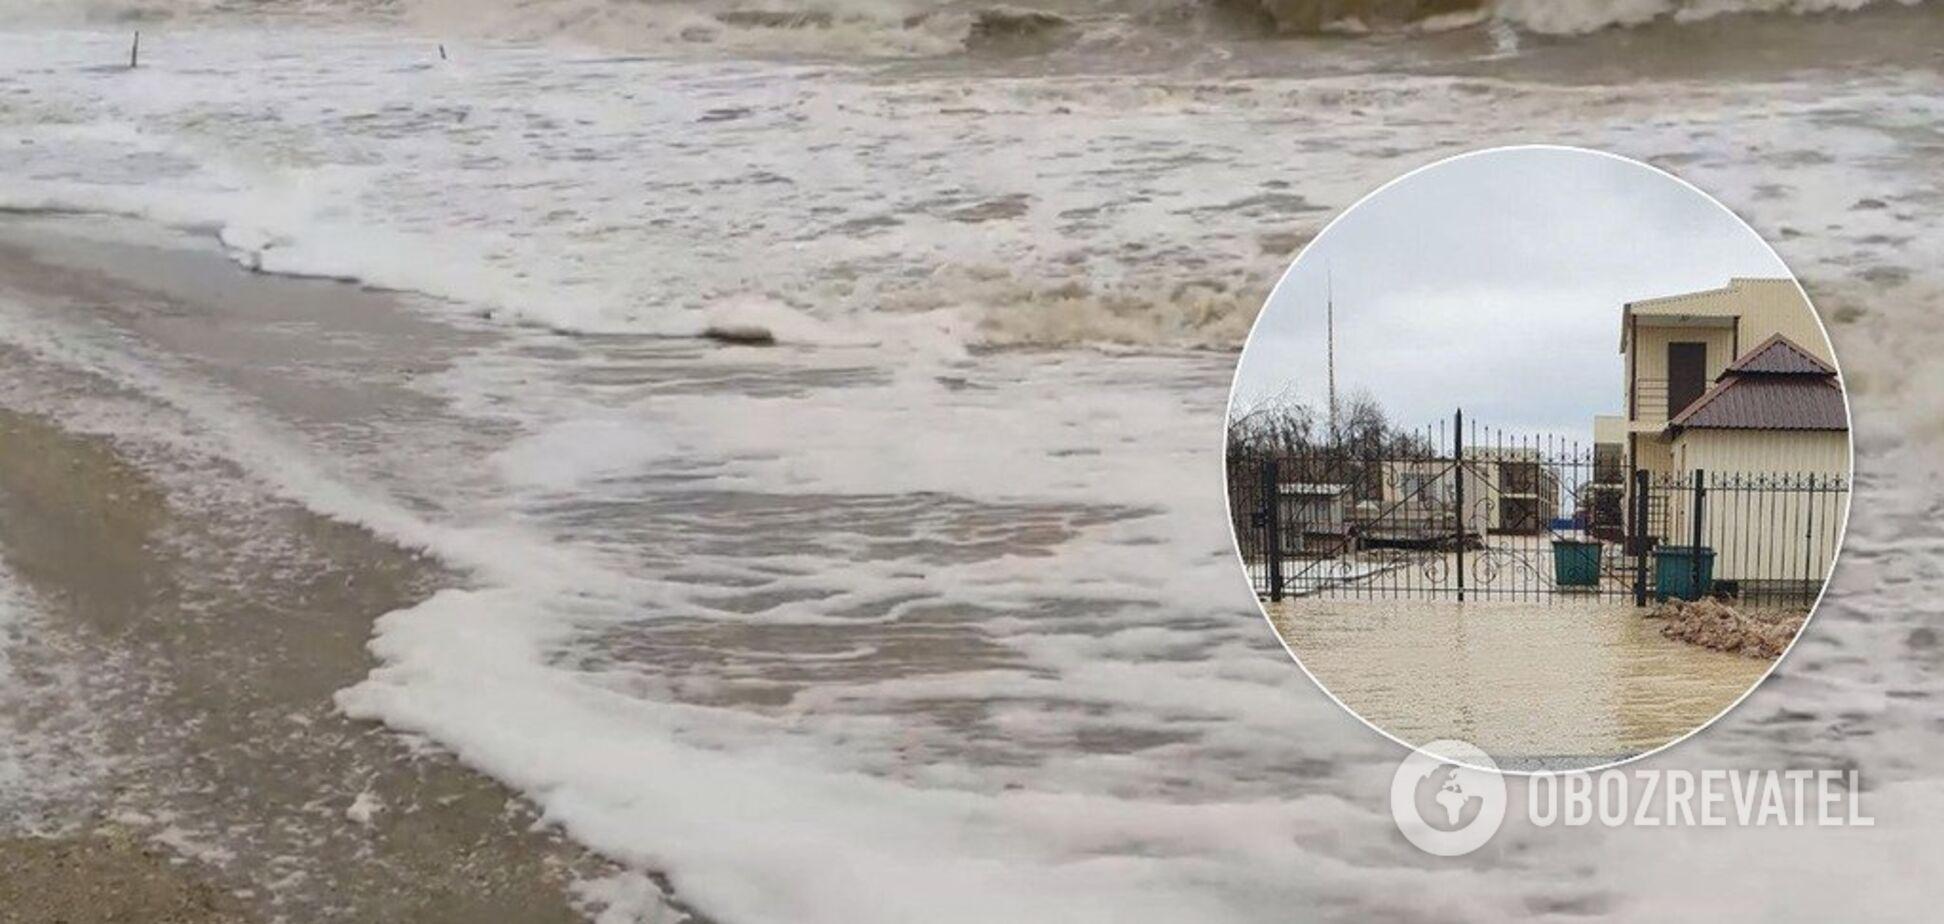 Українські курорти йдуть під воду: опубліковані шокуючі фото і відео наслідків